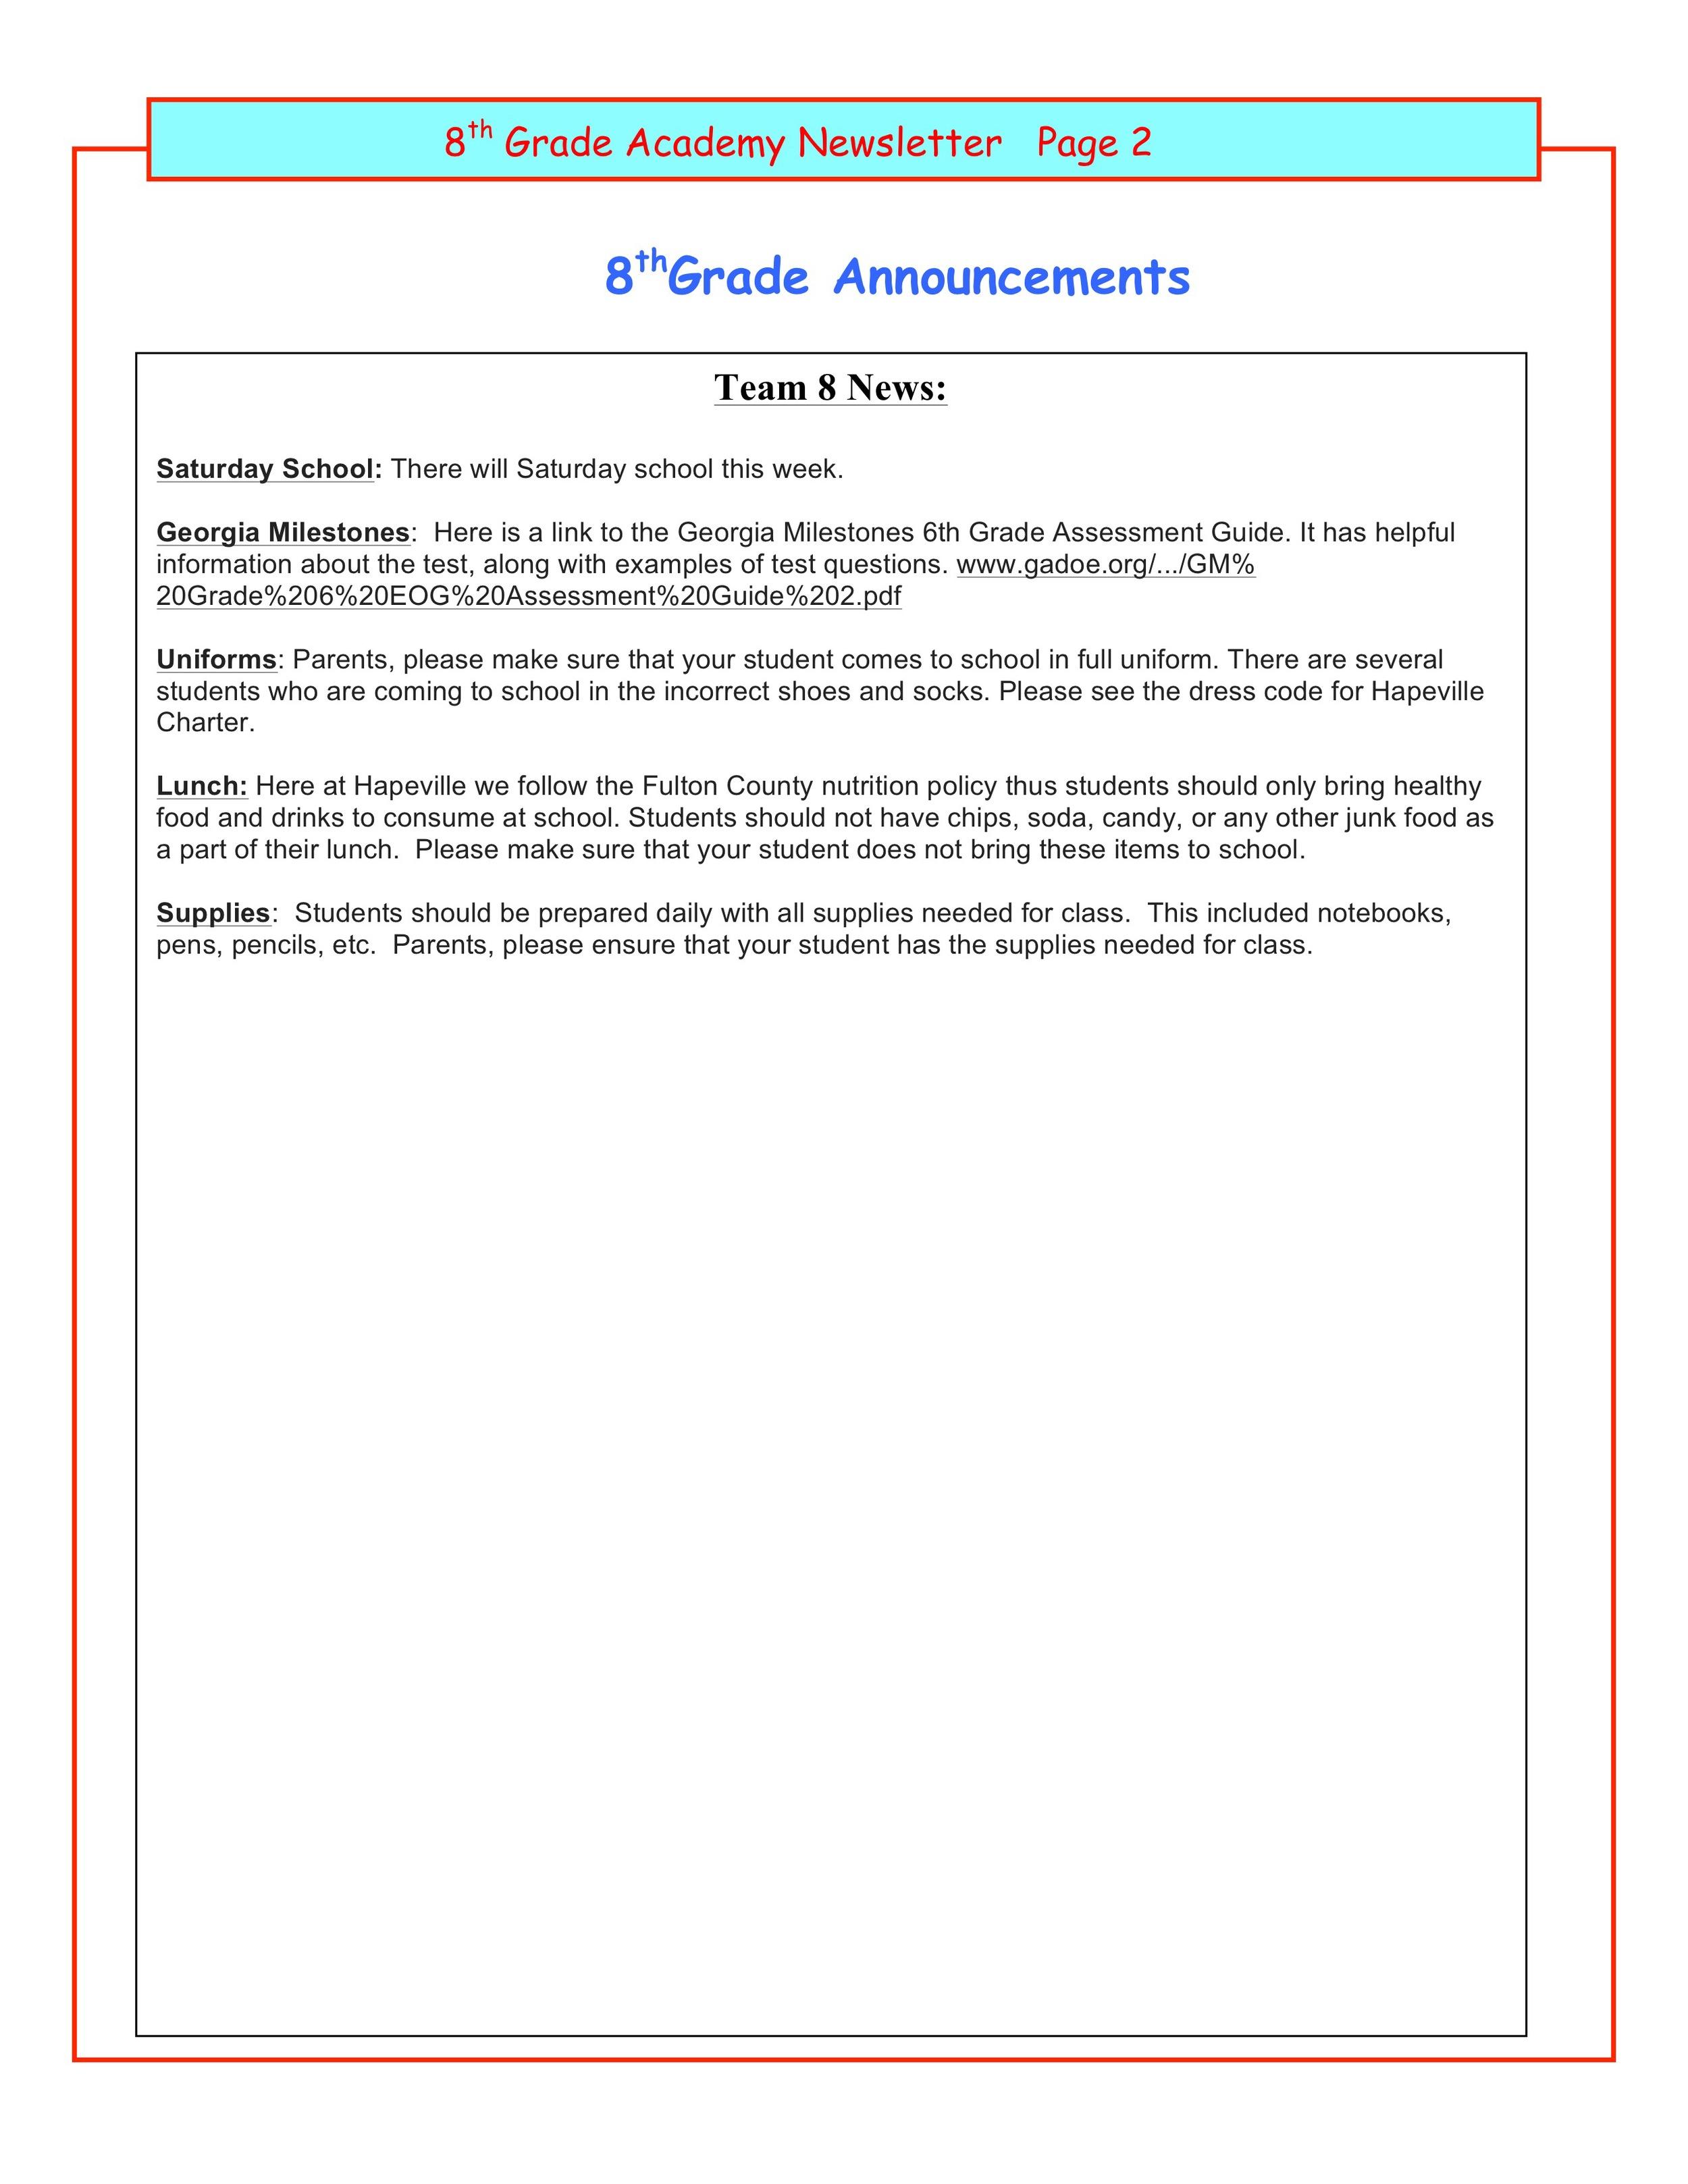 Newsletter Image8th grade February 2  2.jpeg